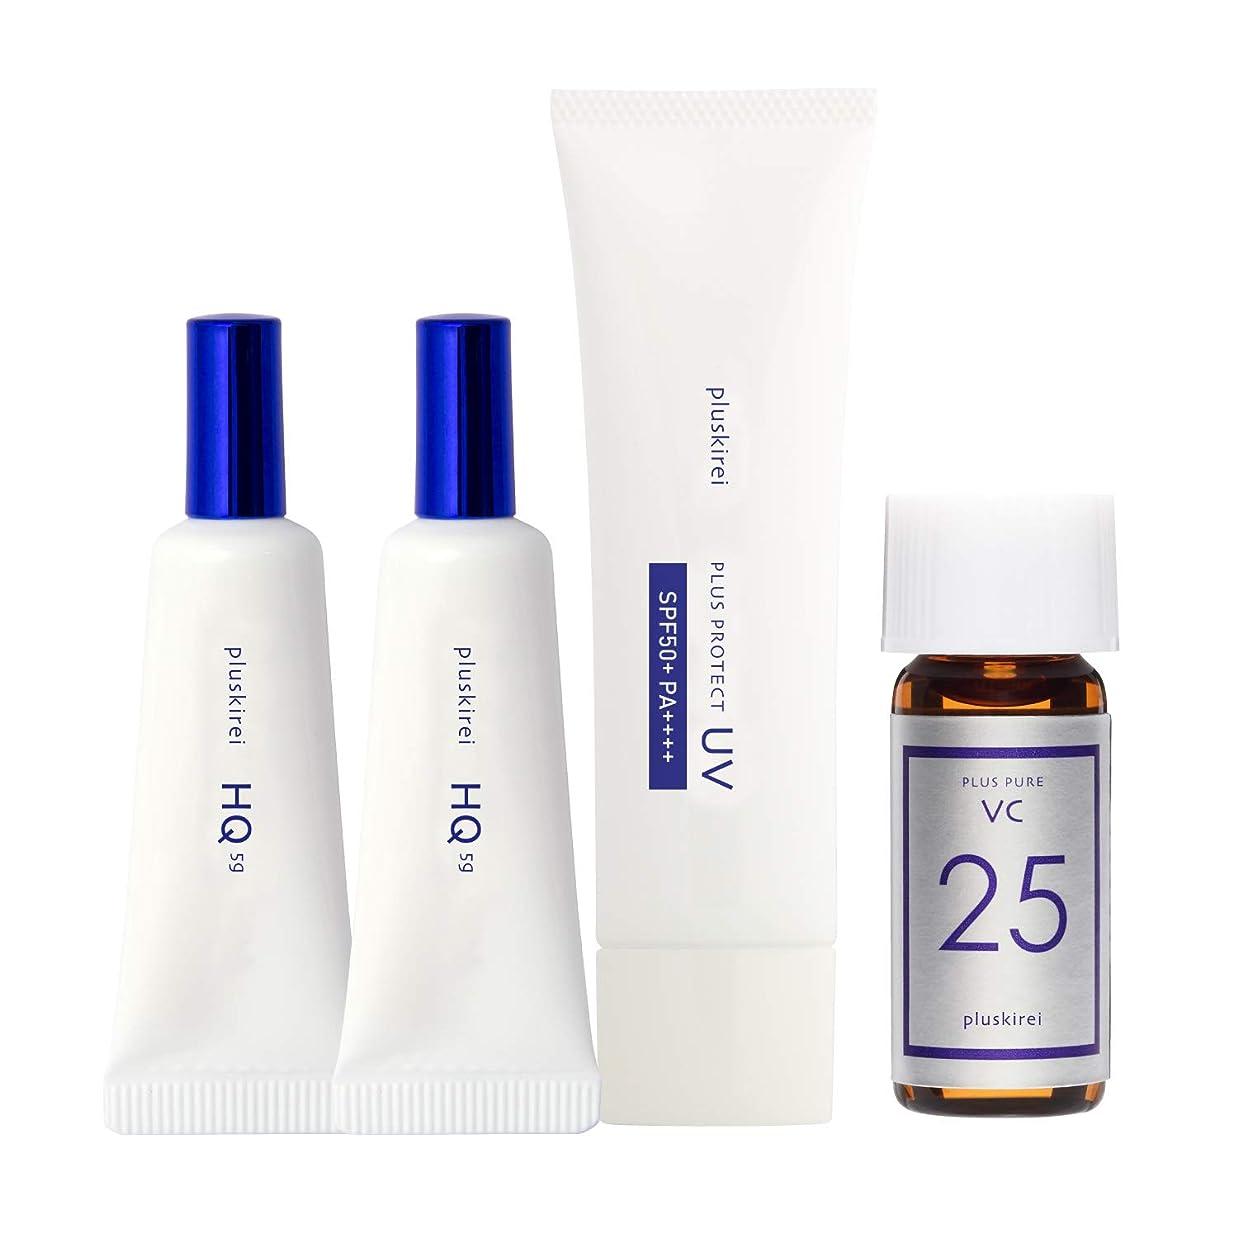 肺美容師代わりにを立てるハイドロキノン4%配合 プラスナノHQ2本 日焼け止めセット (お試し美容液 プラスピュアVC25ミニ付)